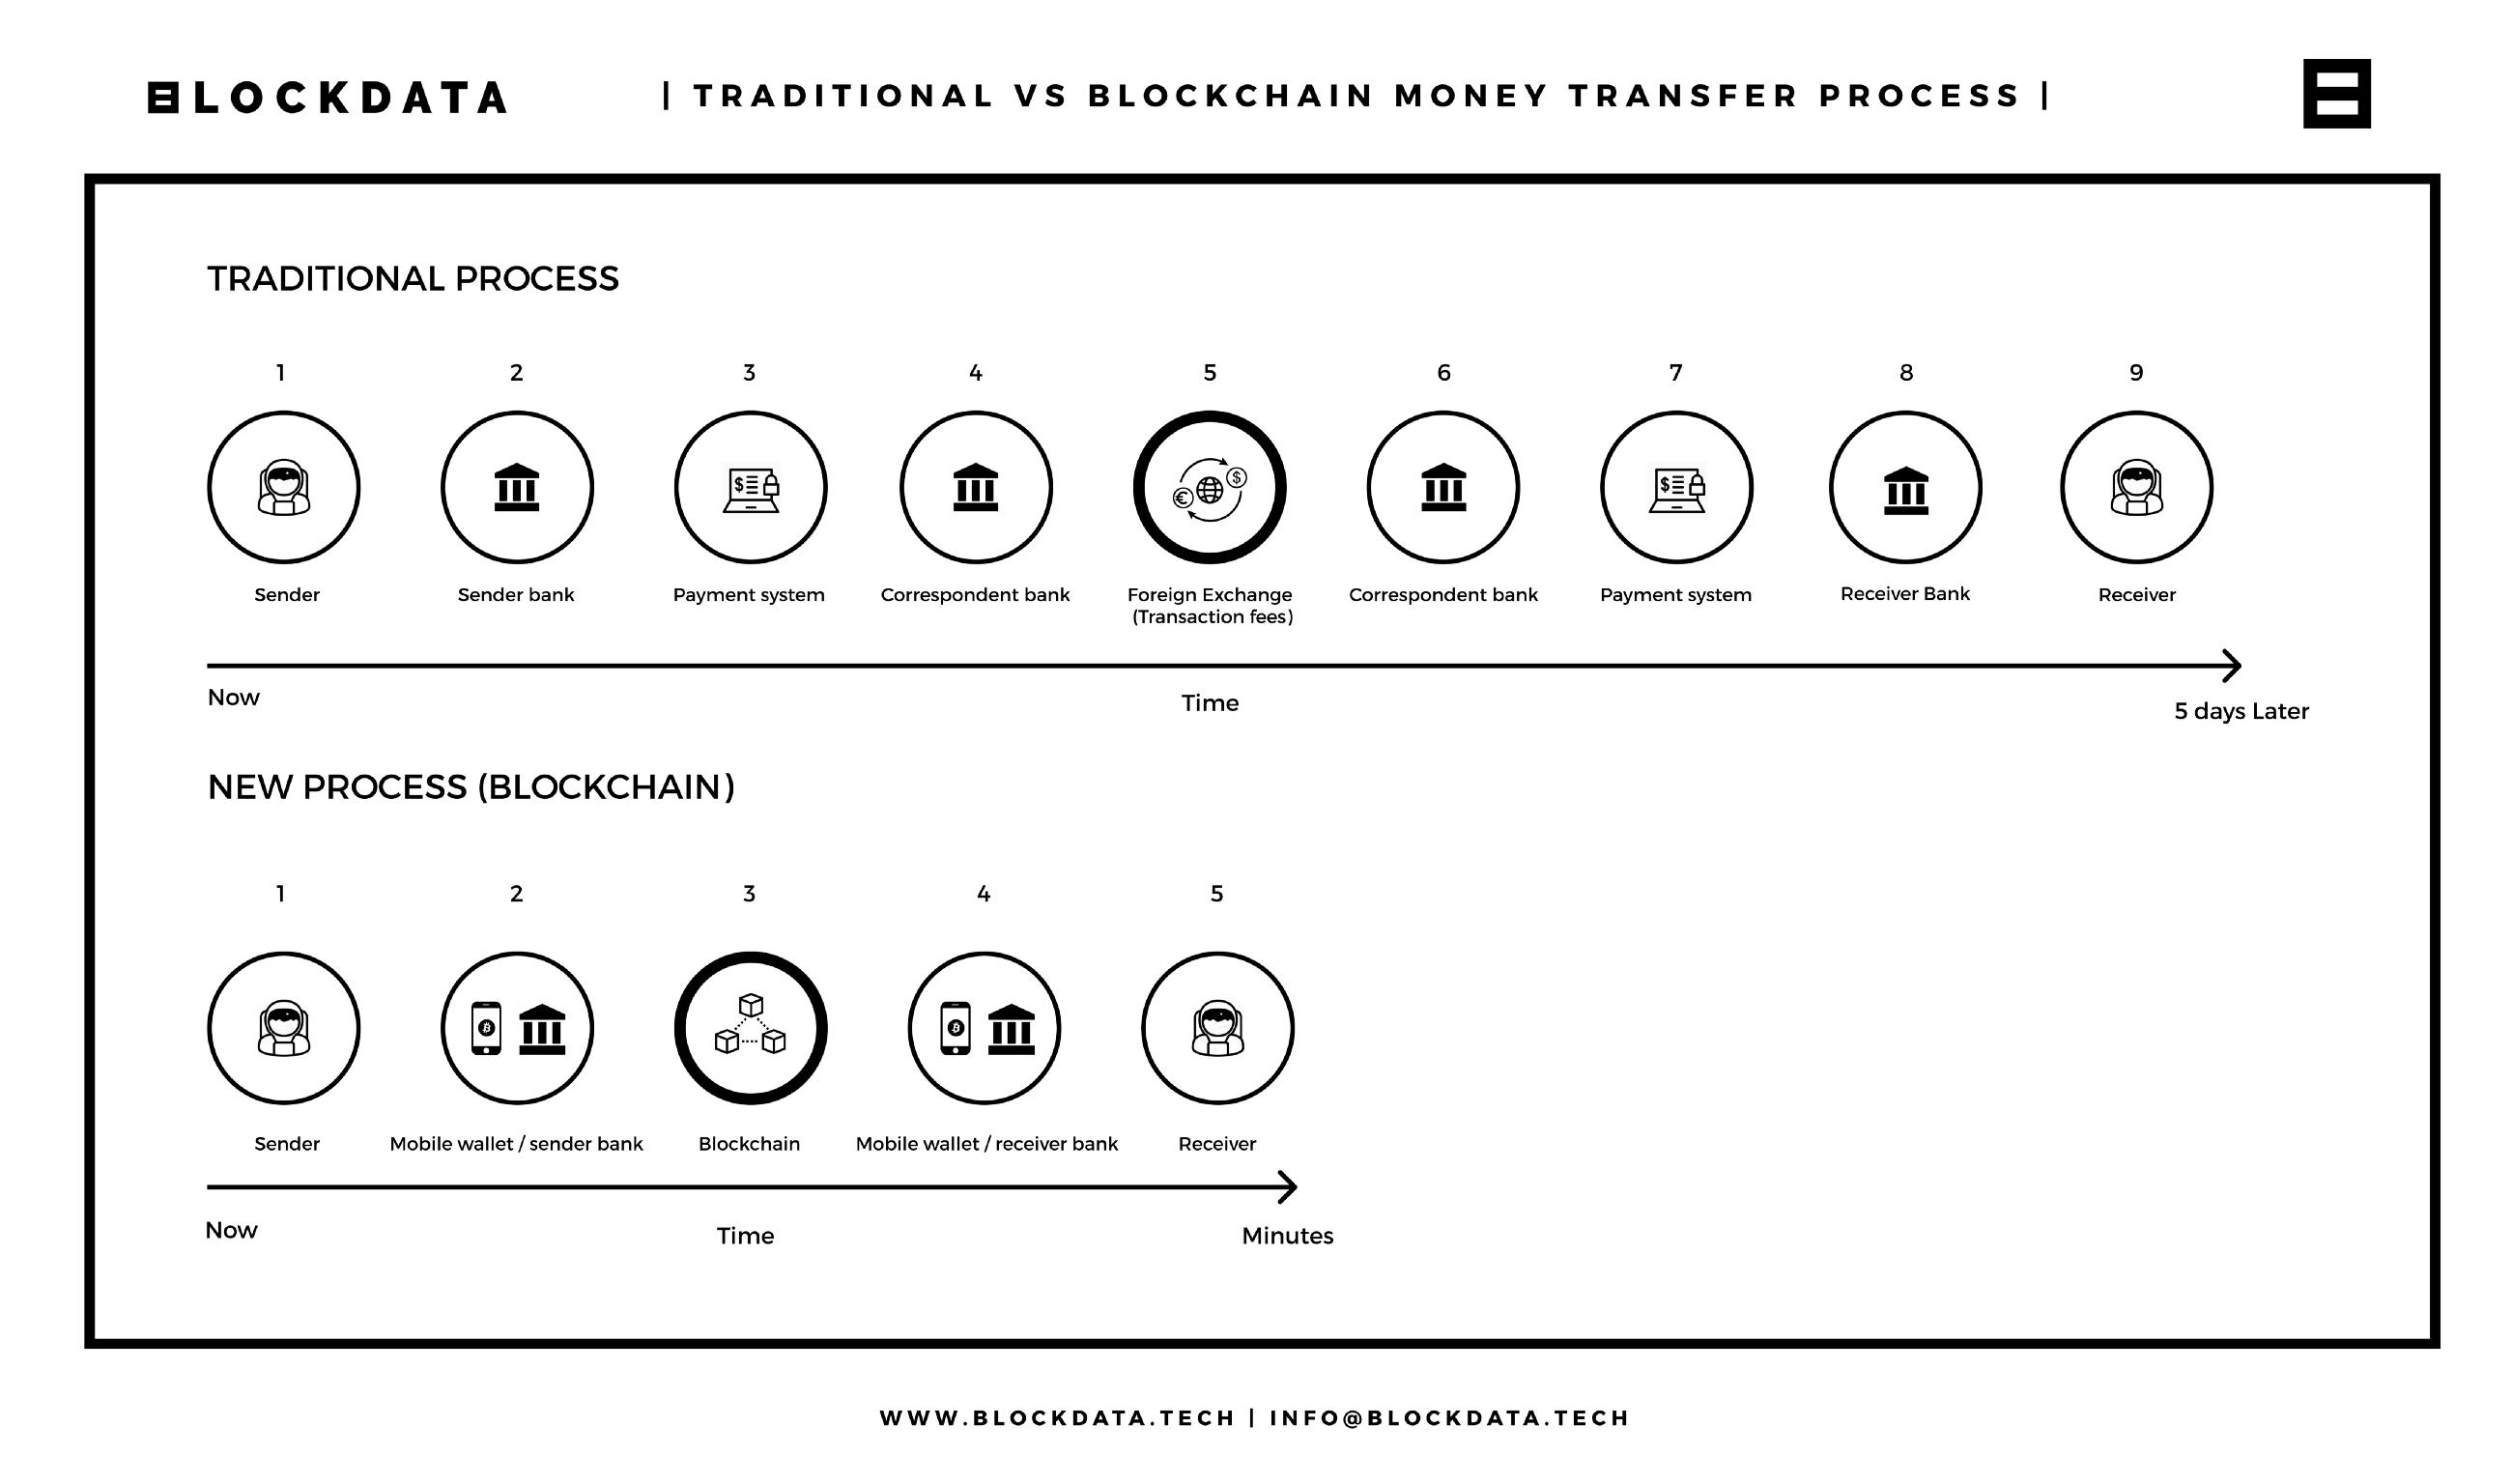 Geleneksel varlık transferi yöntemlerine karşı blockchain. Yapı ve süreçlerdeki temel farklılıklar